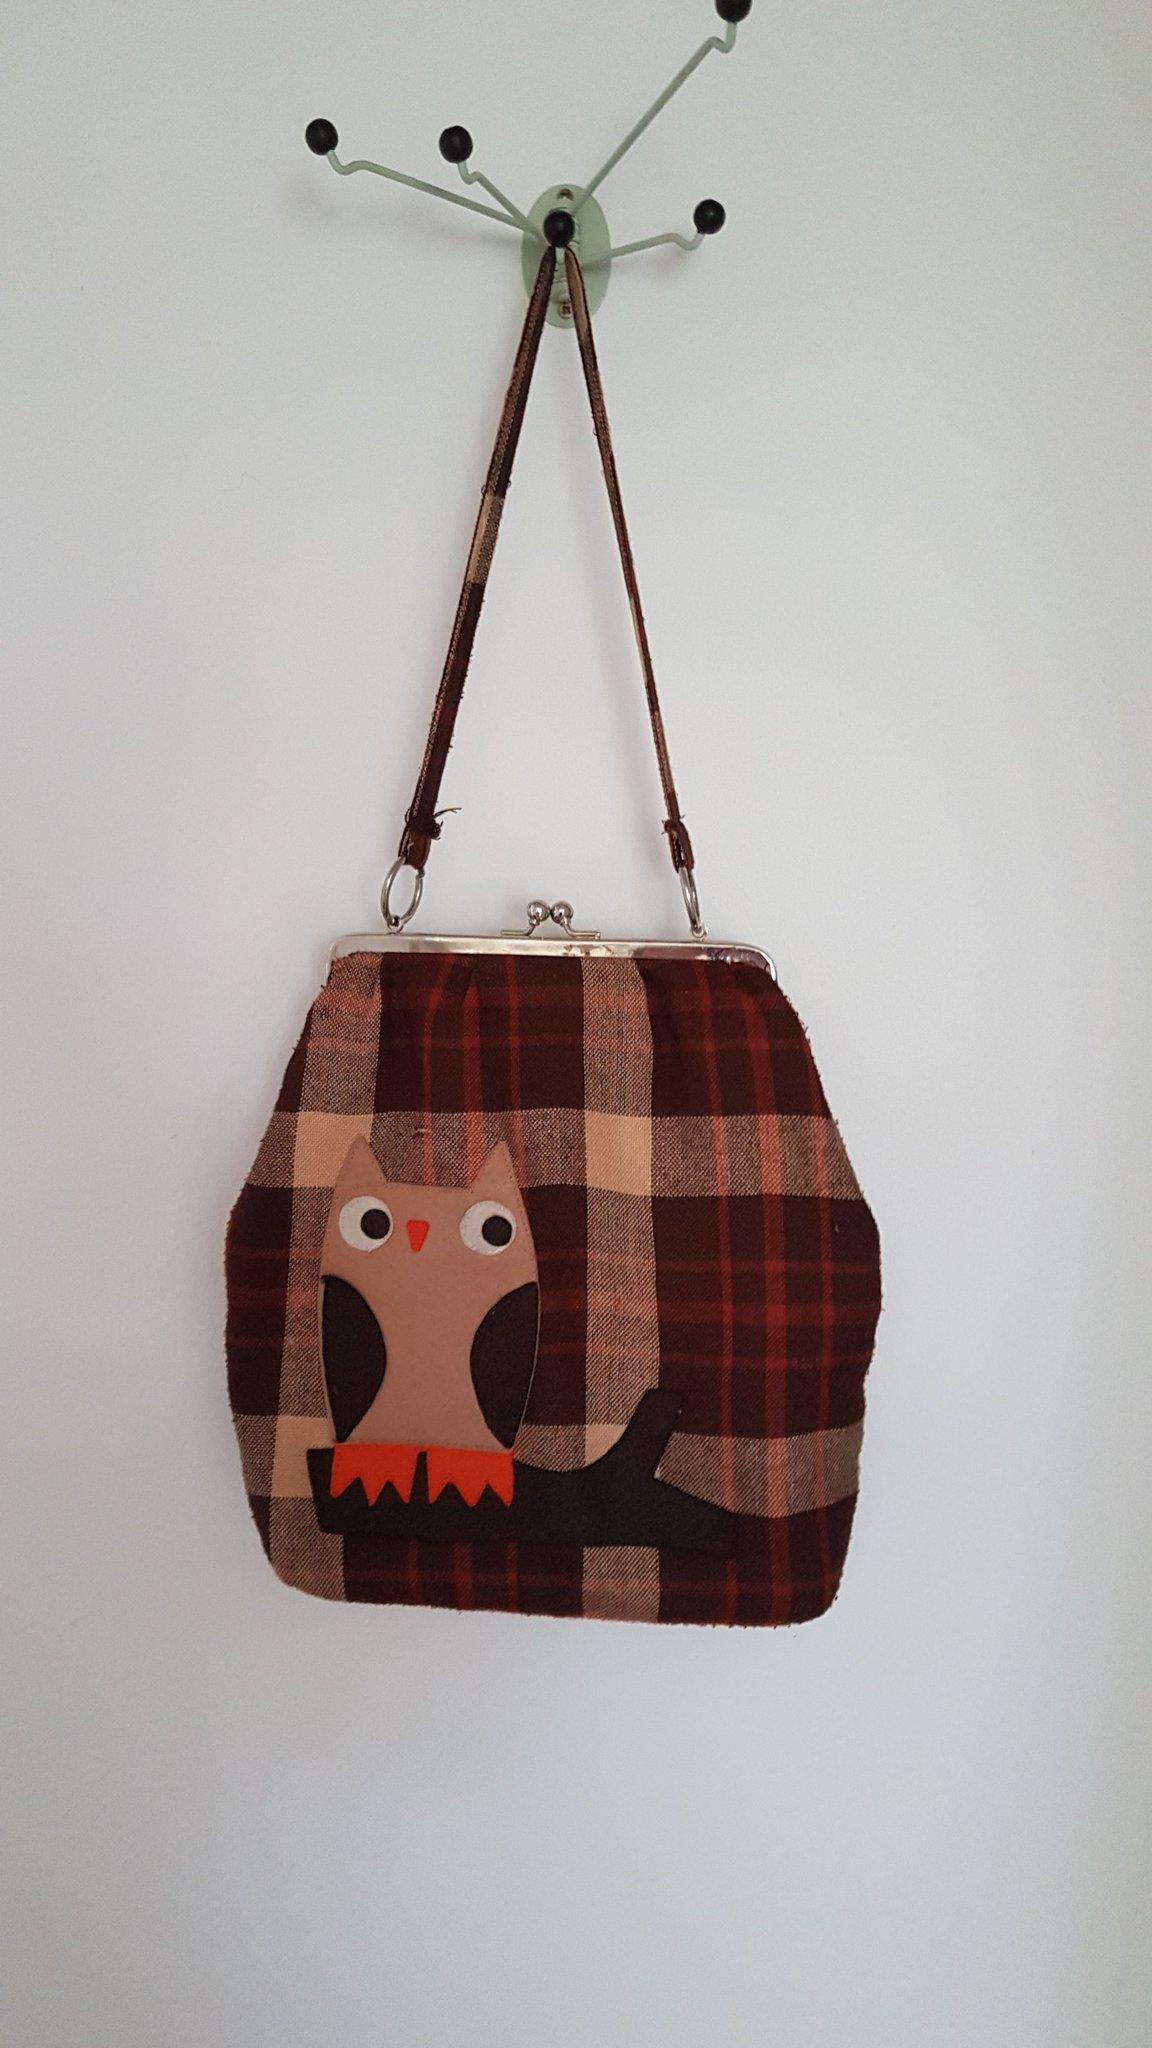 Rutig väska med uggla